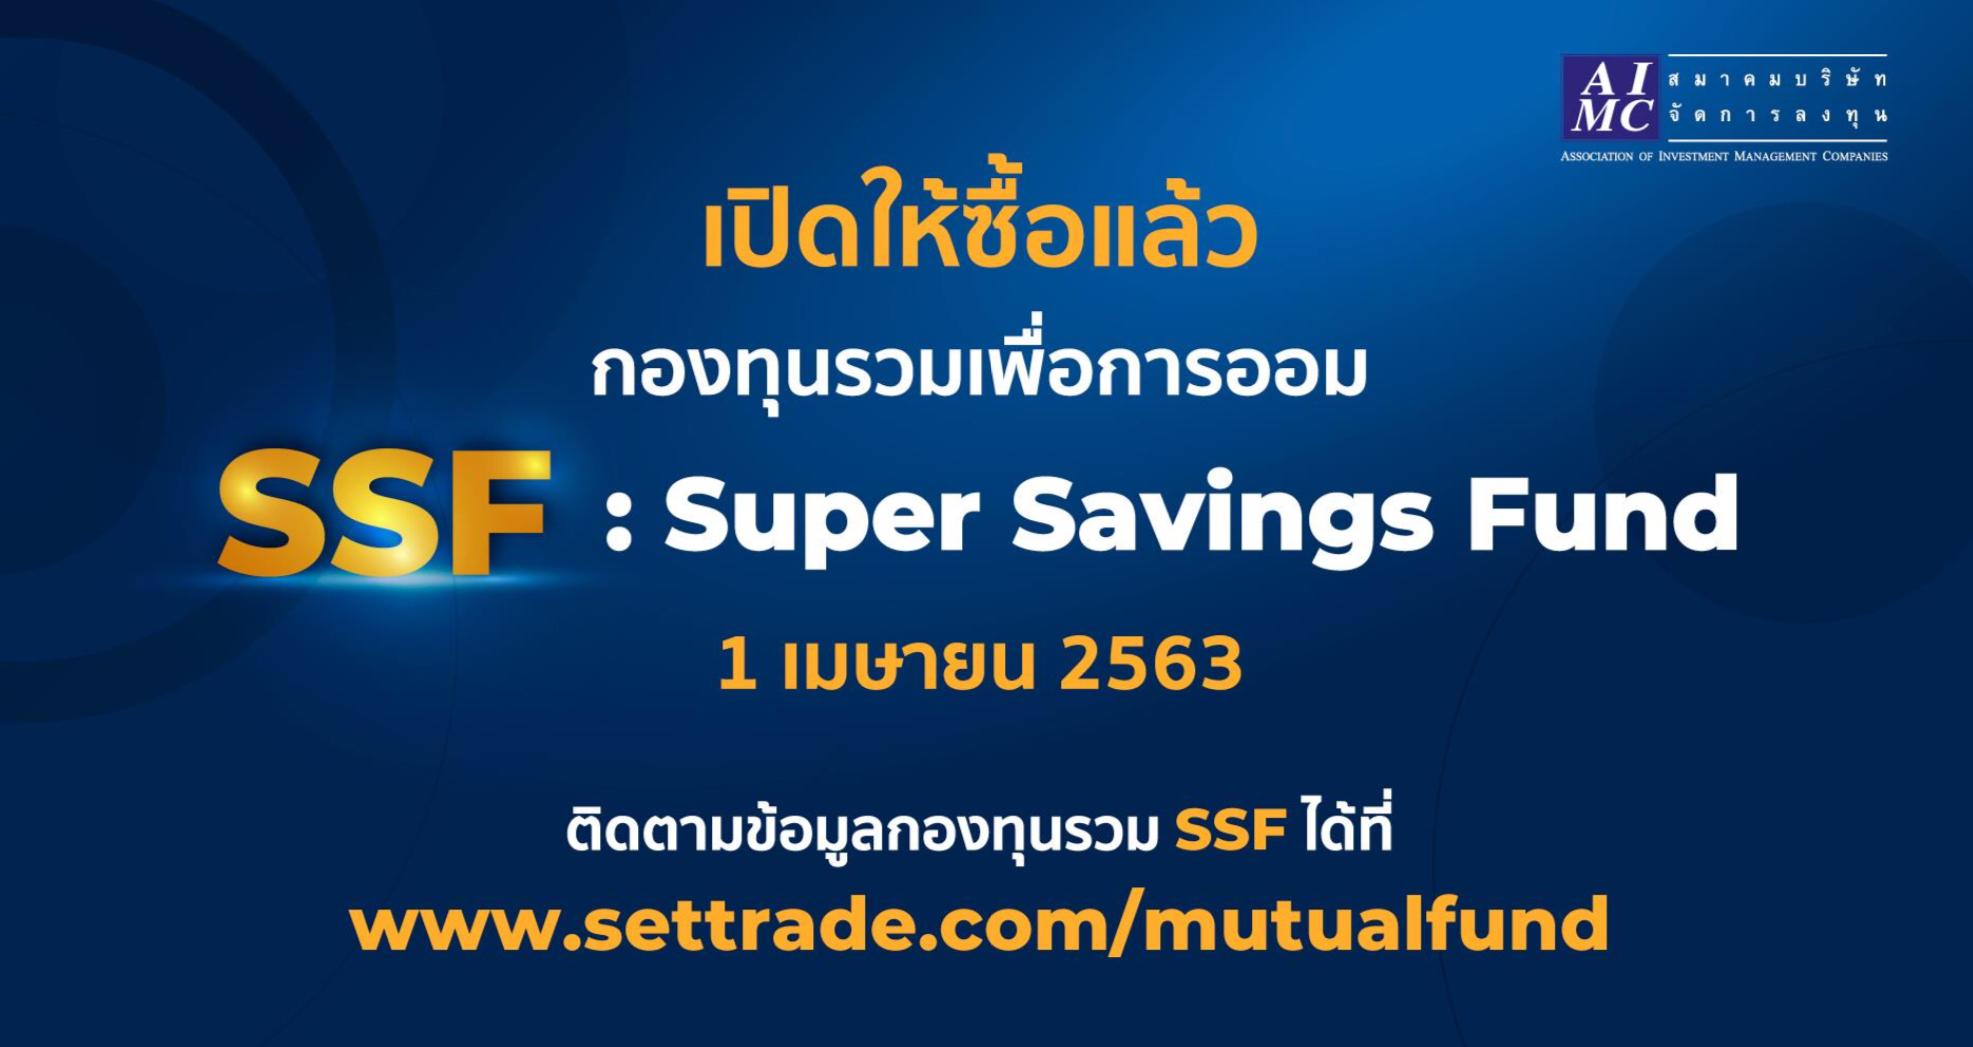 13 บลจ. เริ่มขายกองทุน SSF วันแรก 1 เมษายนนี้